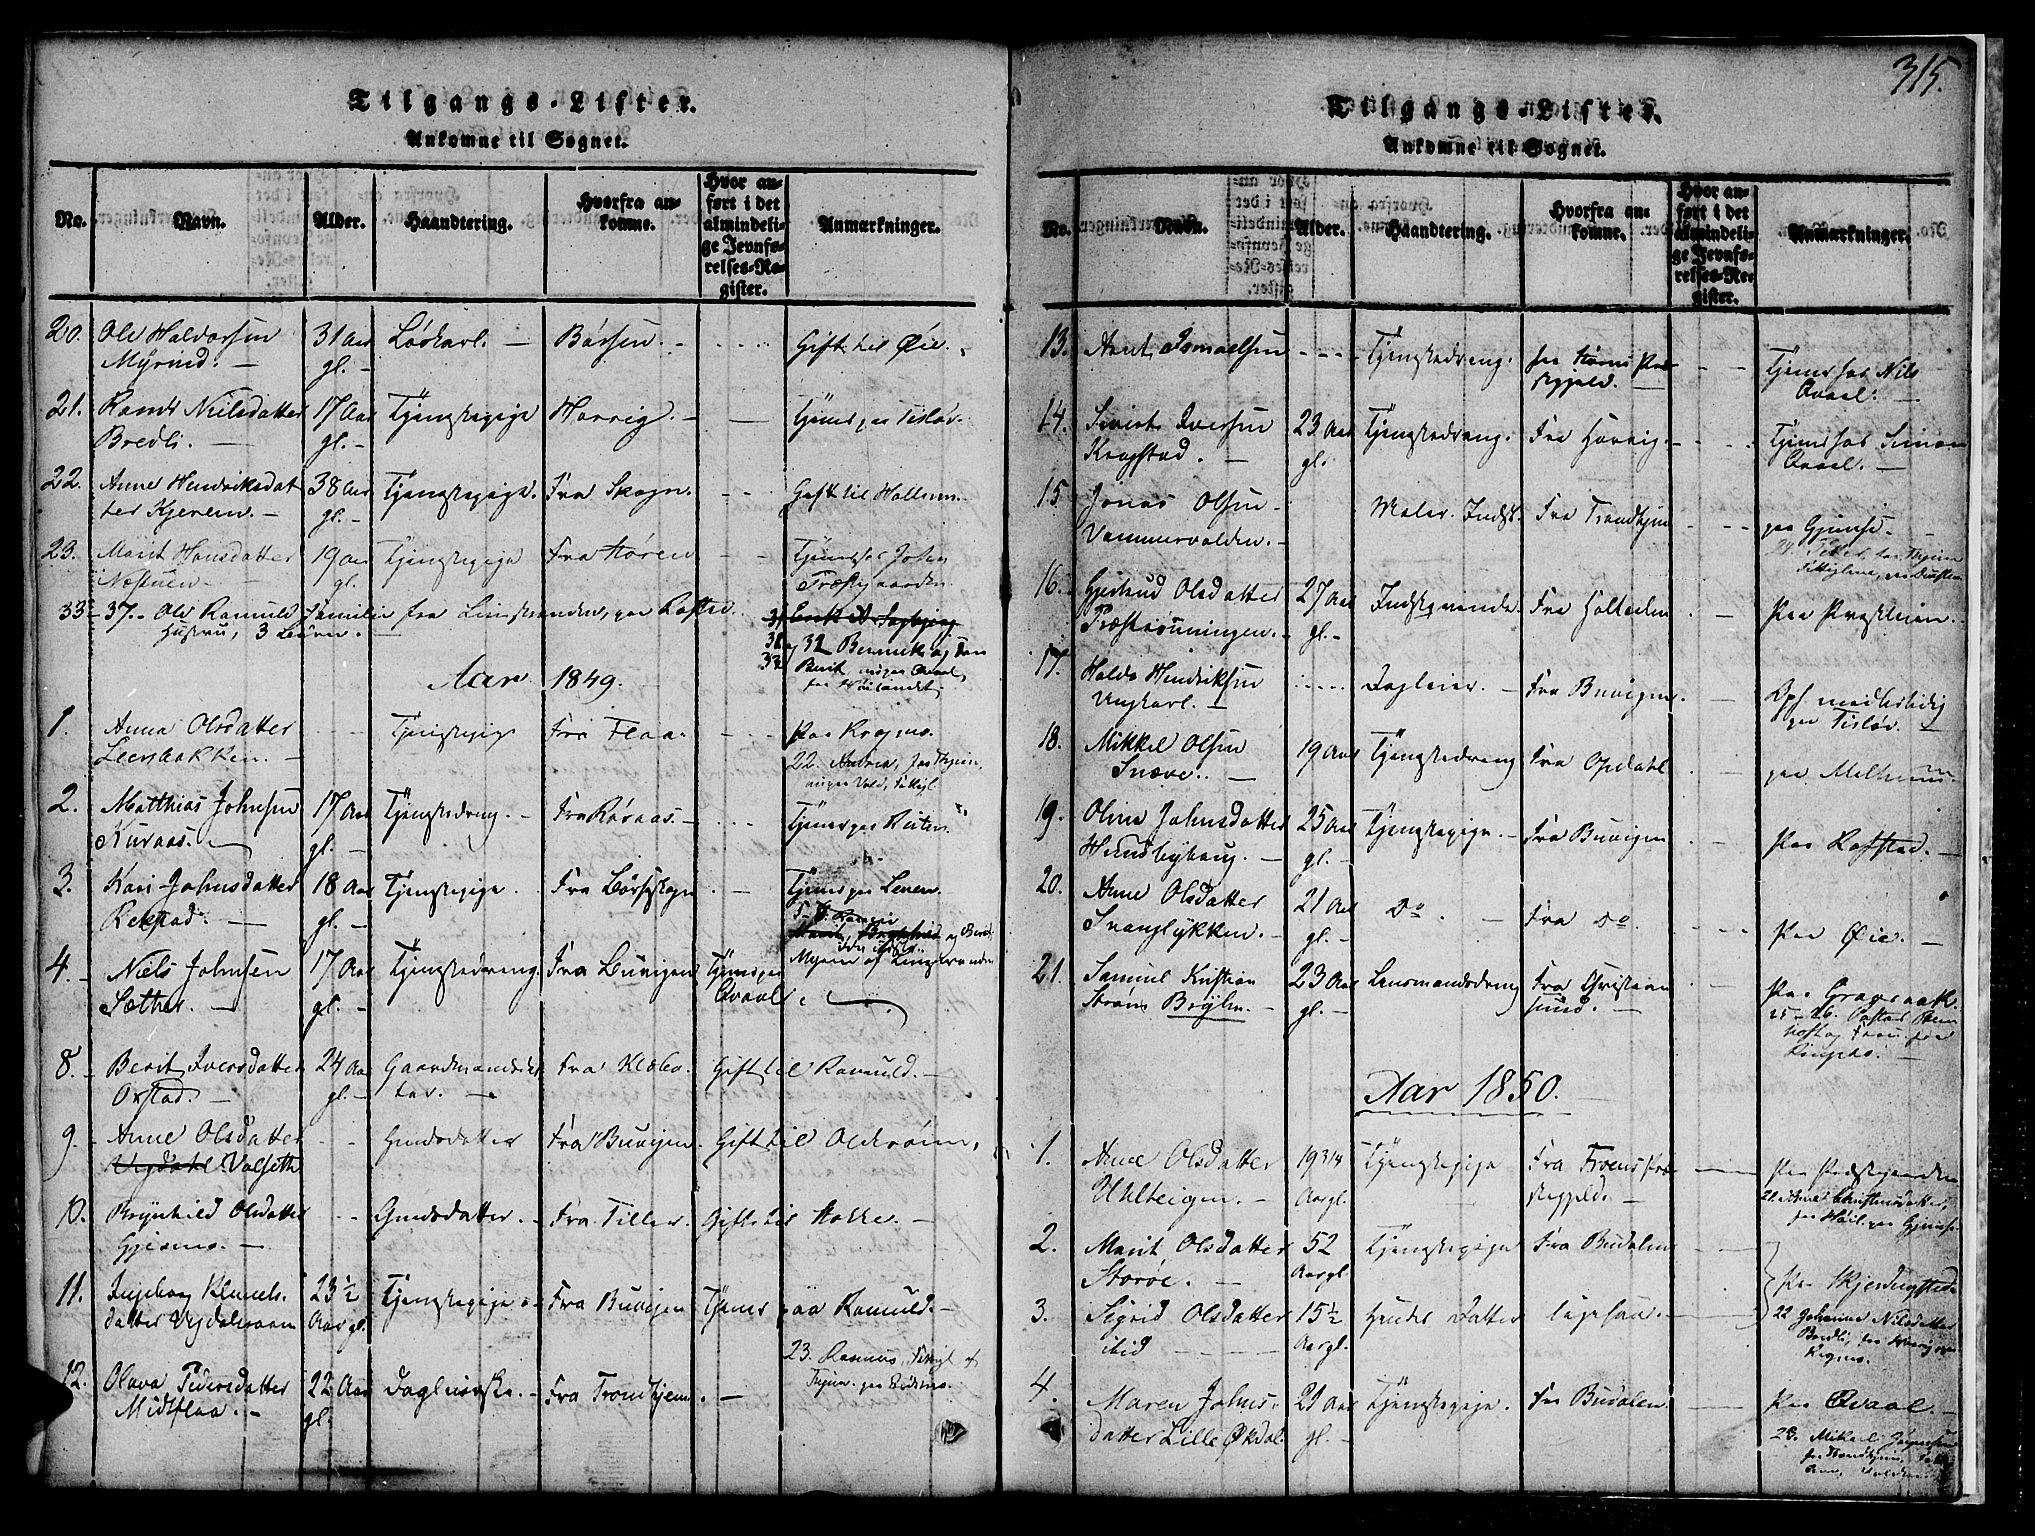 SAT, Ministerialprotokoller, klokkerbøker og fødselsregistre - Sør-Trøndelag, 691/L1092: Klokkerbok nr. 691C03, 1816-1852, s. 315